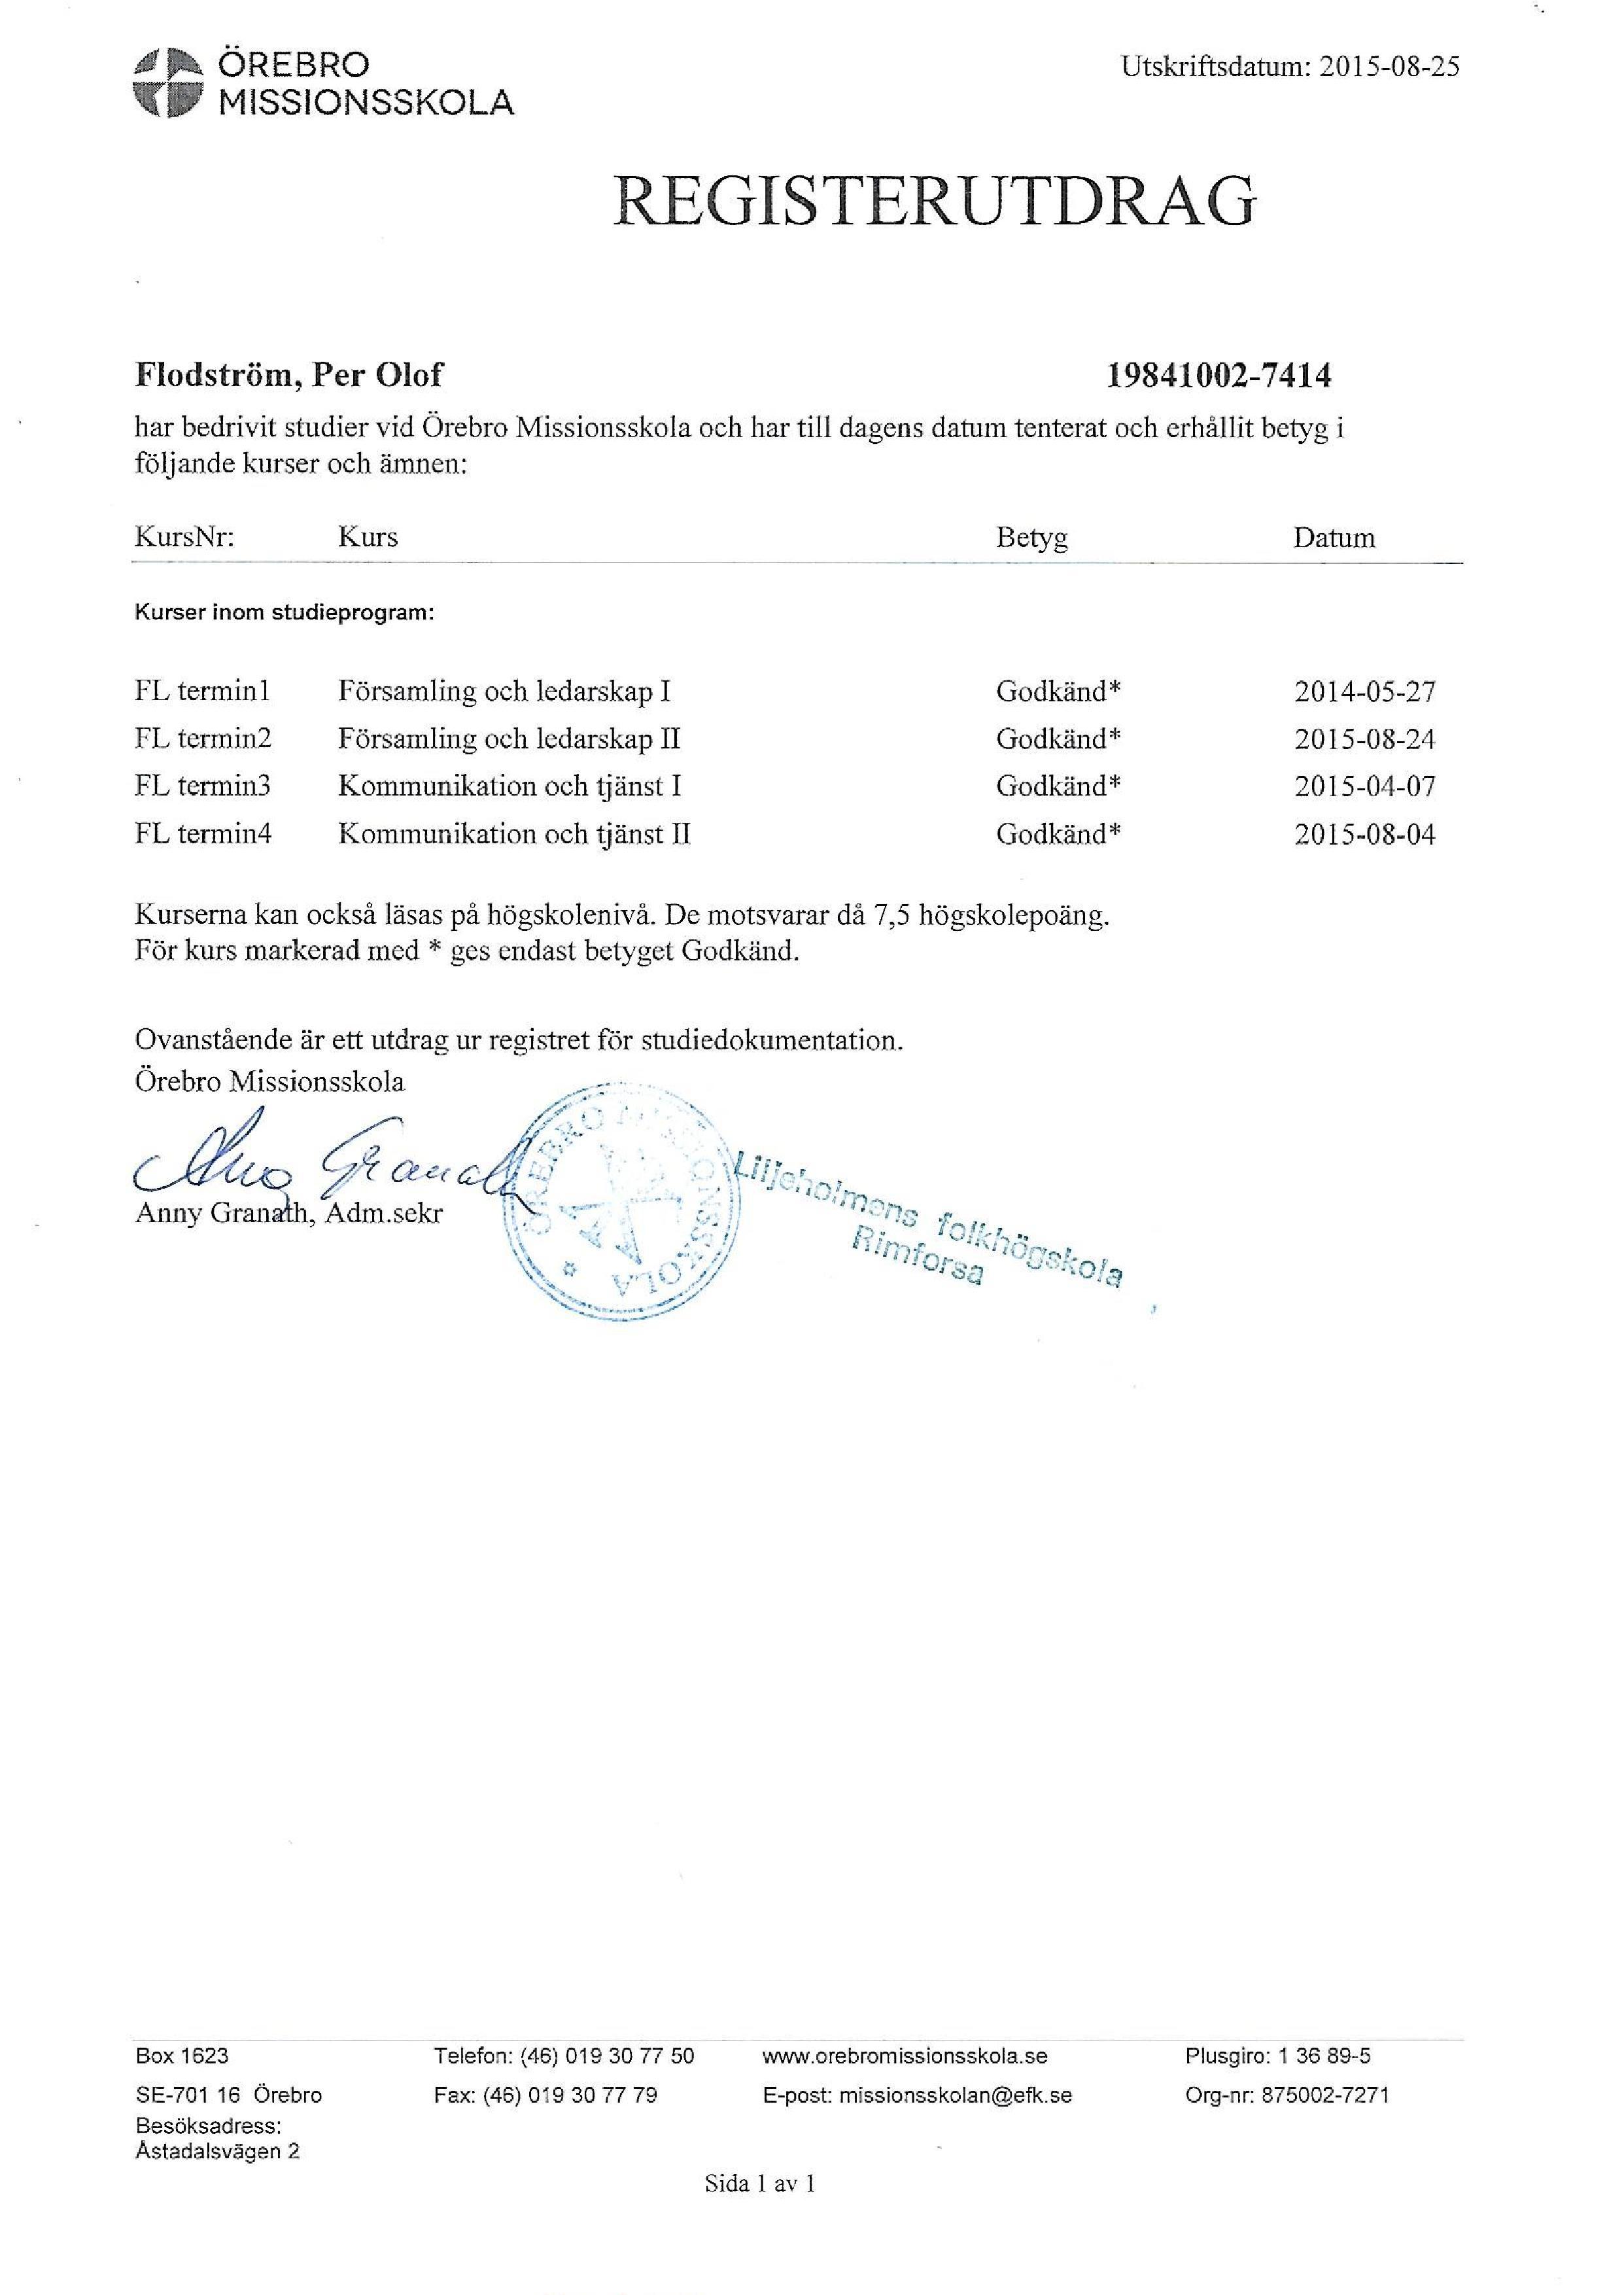 betyg-certifikat-och-komplett-meritlista-for-p-o-flodstrom-2016-page-002